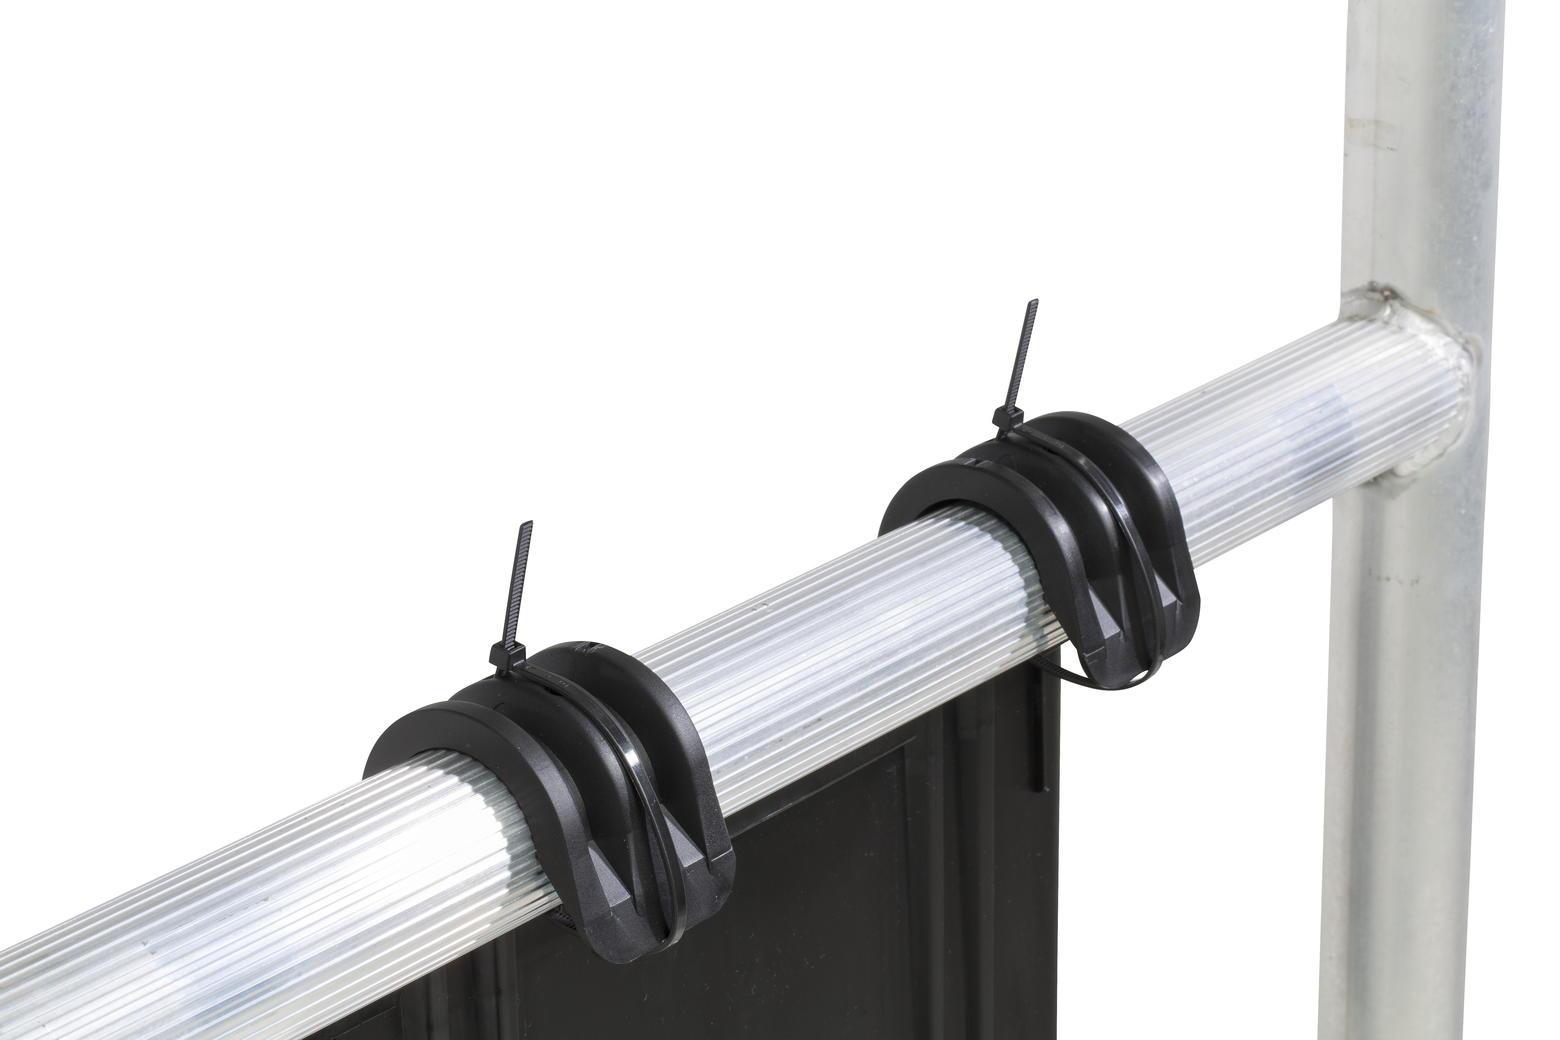 ToolTray kan geborgd worden met tie-wraps